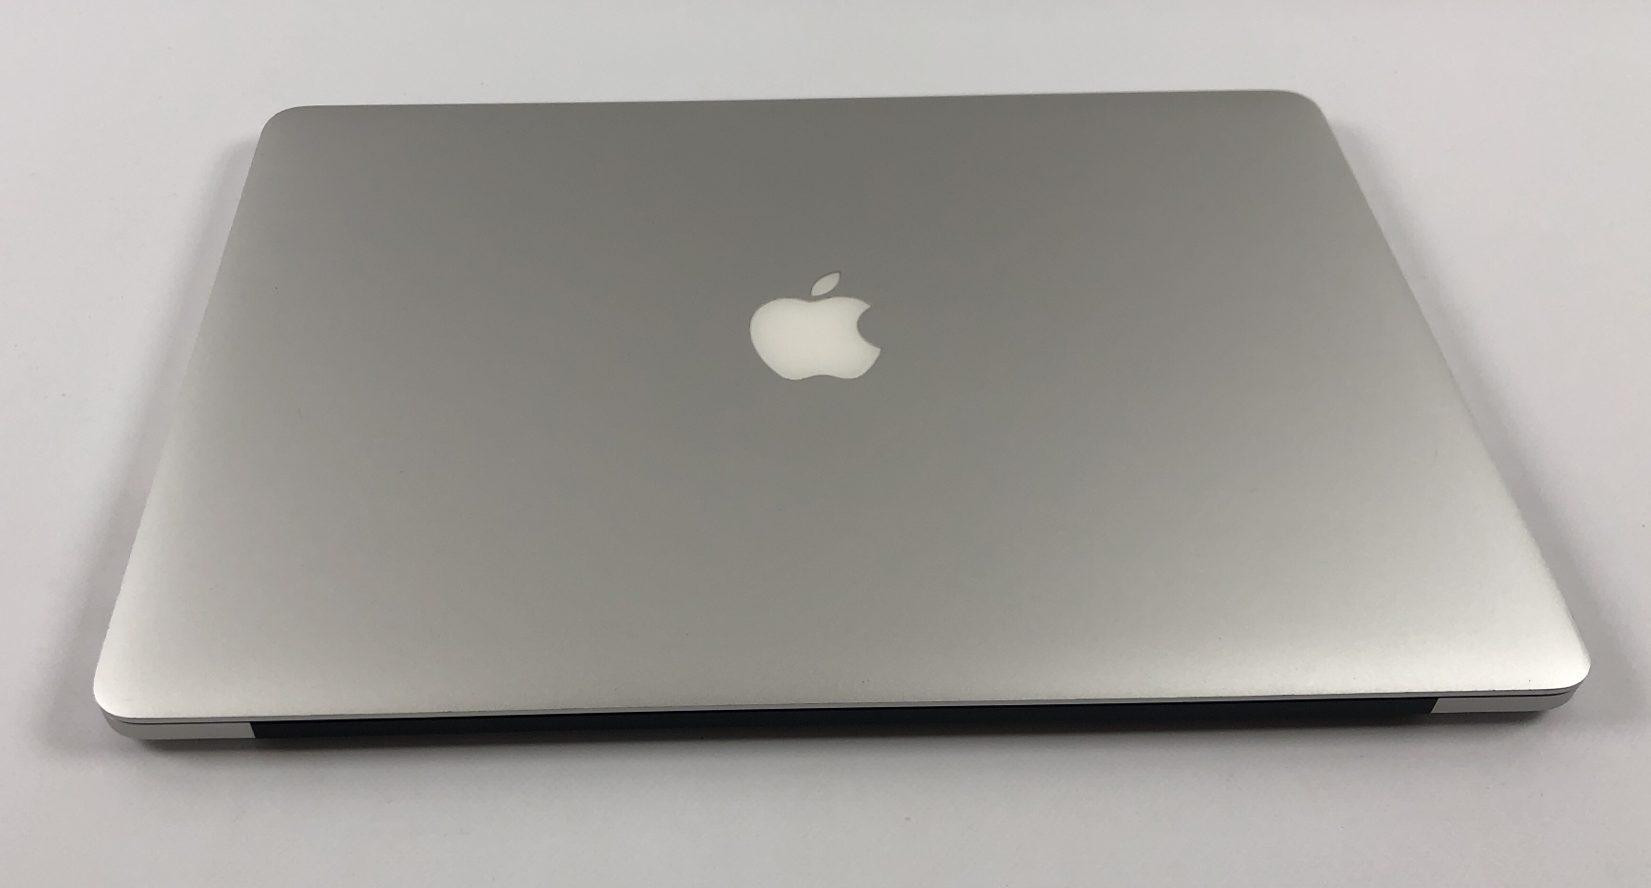 """MacBook Pro Retina 15"""" Mid 2015 (Intel Quad-Core i7 2.8 GHz 16 GB RAM 1 TB SSD), Intel Quad-Core i7 2.8 GHz, 16 GB RAM, 1 TB SSD, Afbeelding 2"""